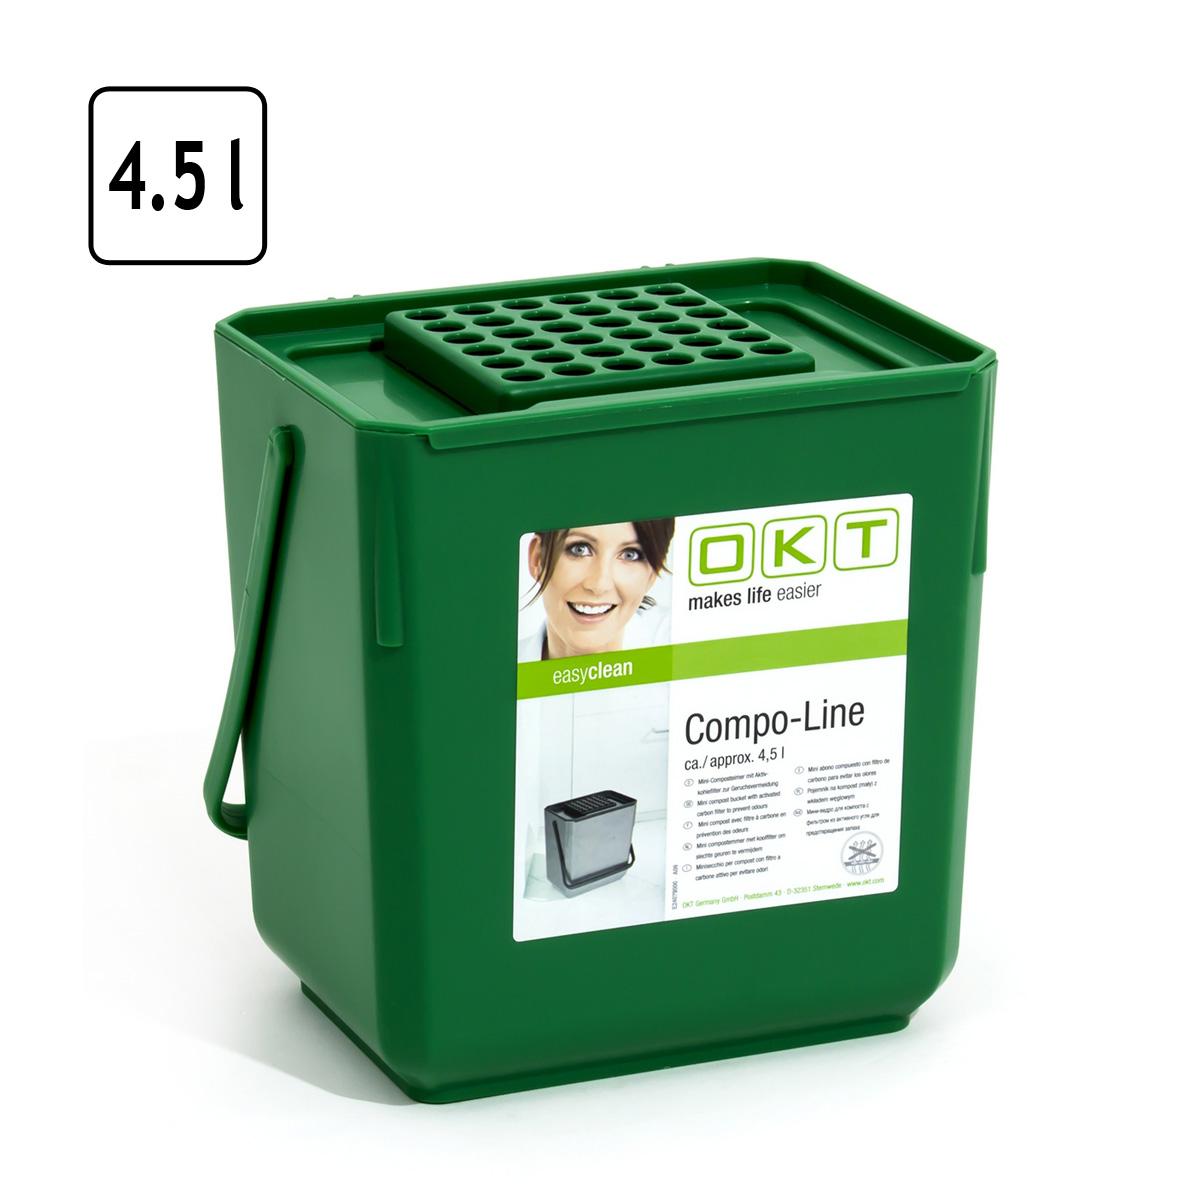 mini kompost eimer mit aktivkohlefilter 4 5 liter. Black Bedroom Furniture Sets. Home Design Ideas